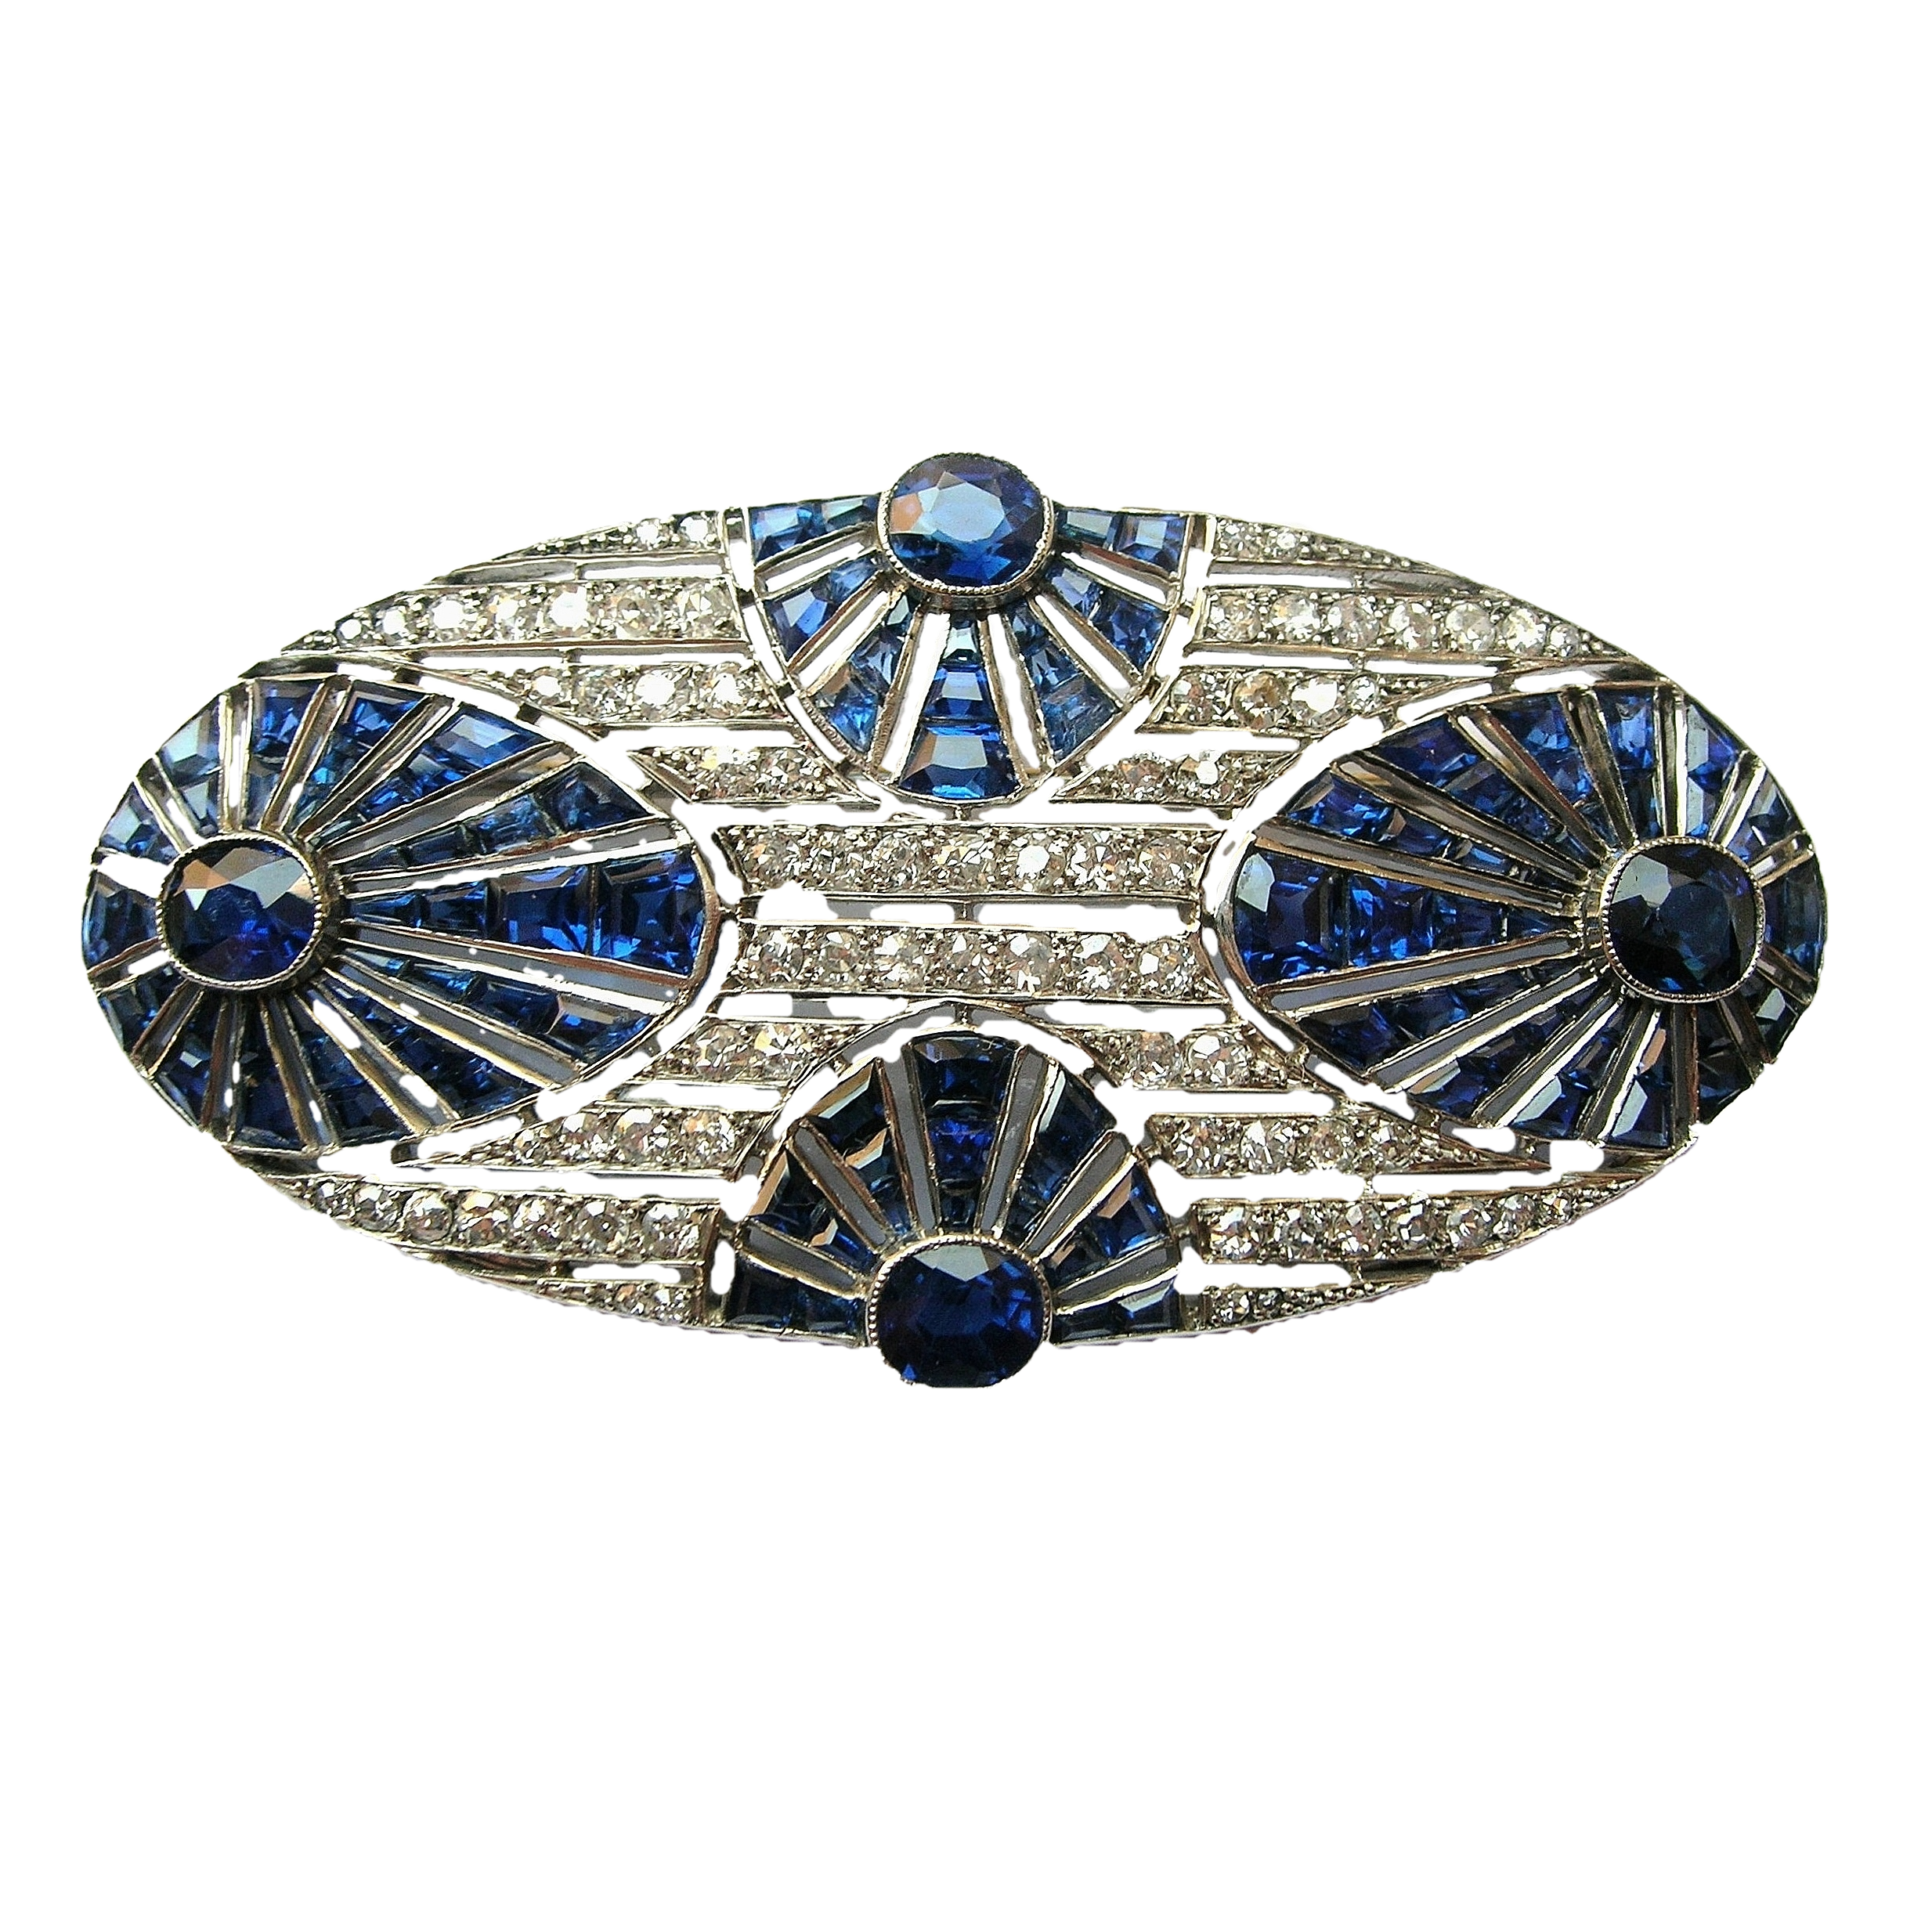 Boutique achat bijoux anciens ou achat bijoux en or à Paris